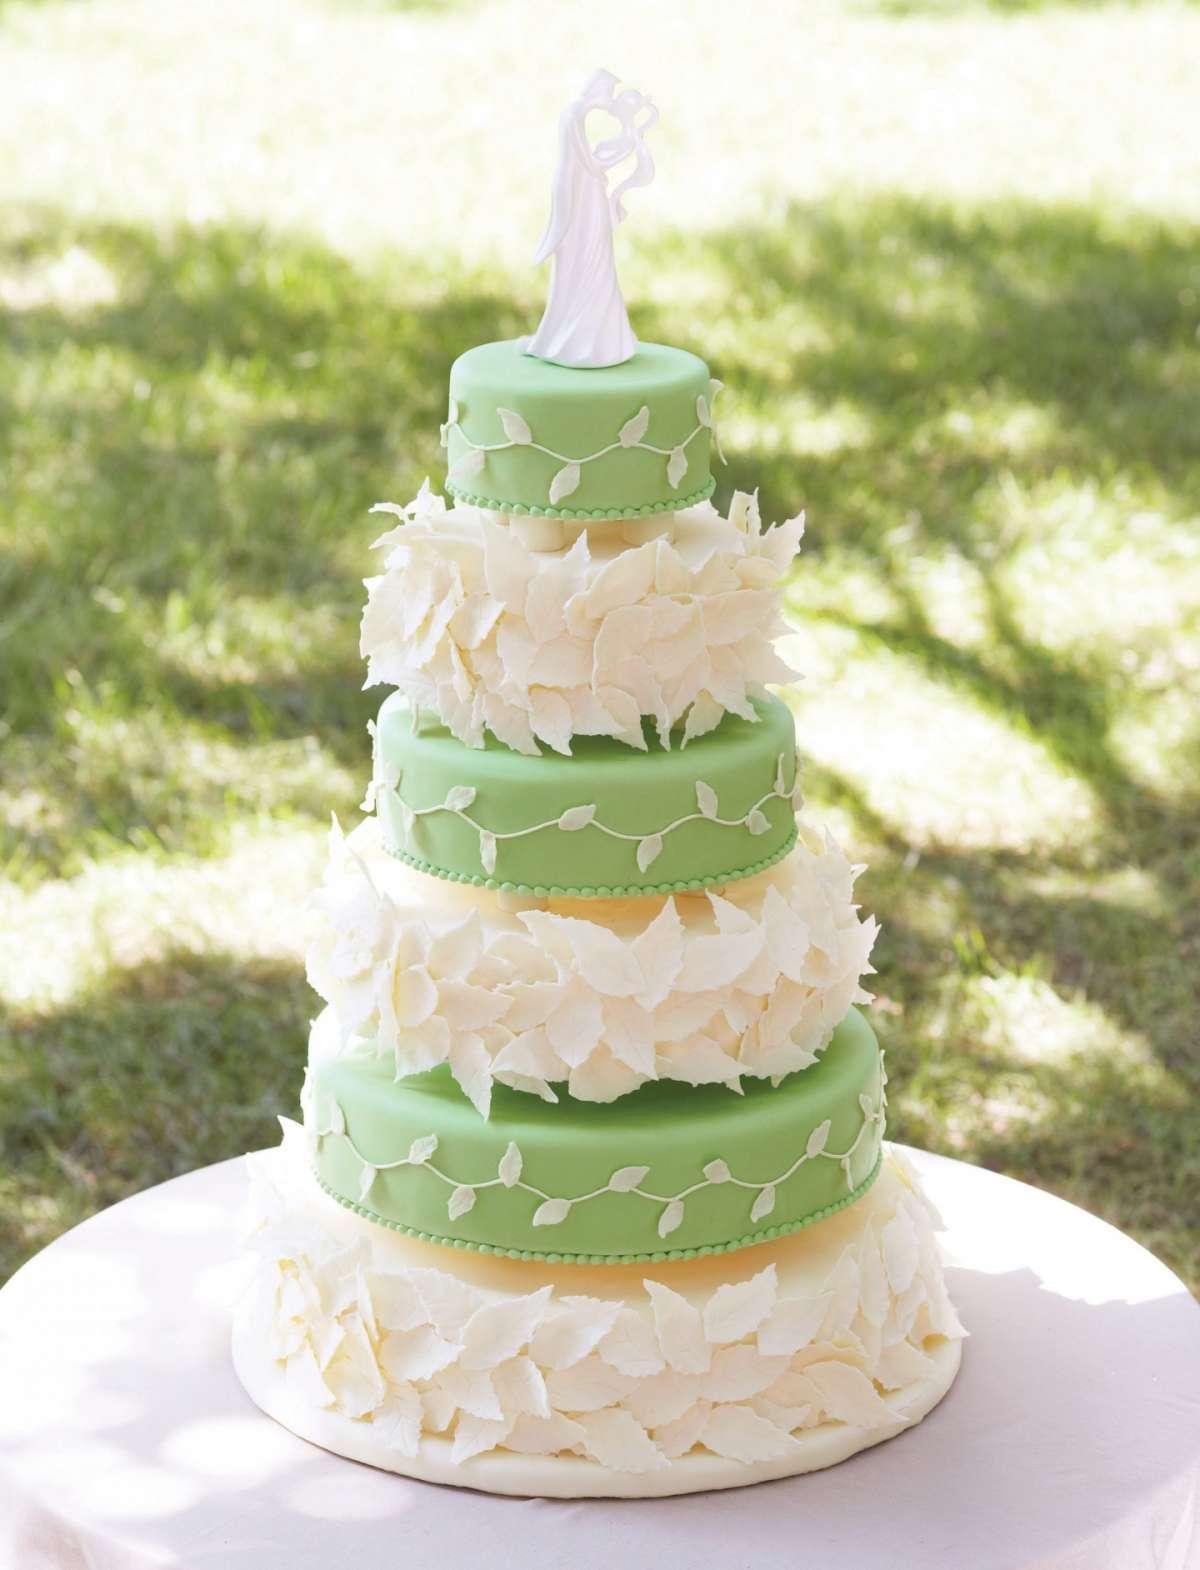 Torte nuziali a piani, idee per il tuo matrimonio [FOTO]